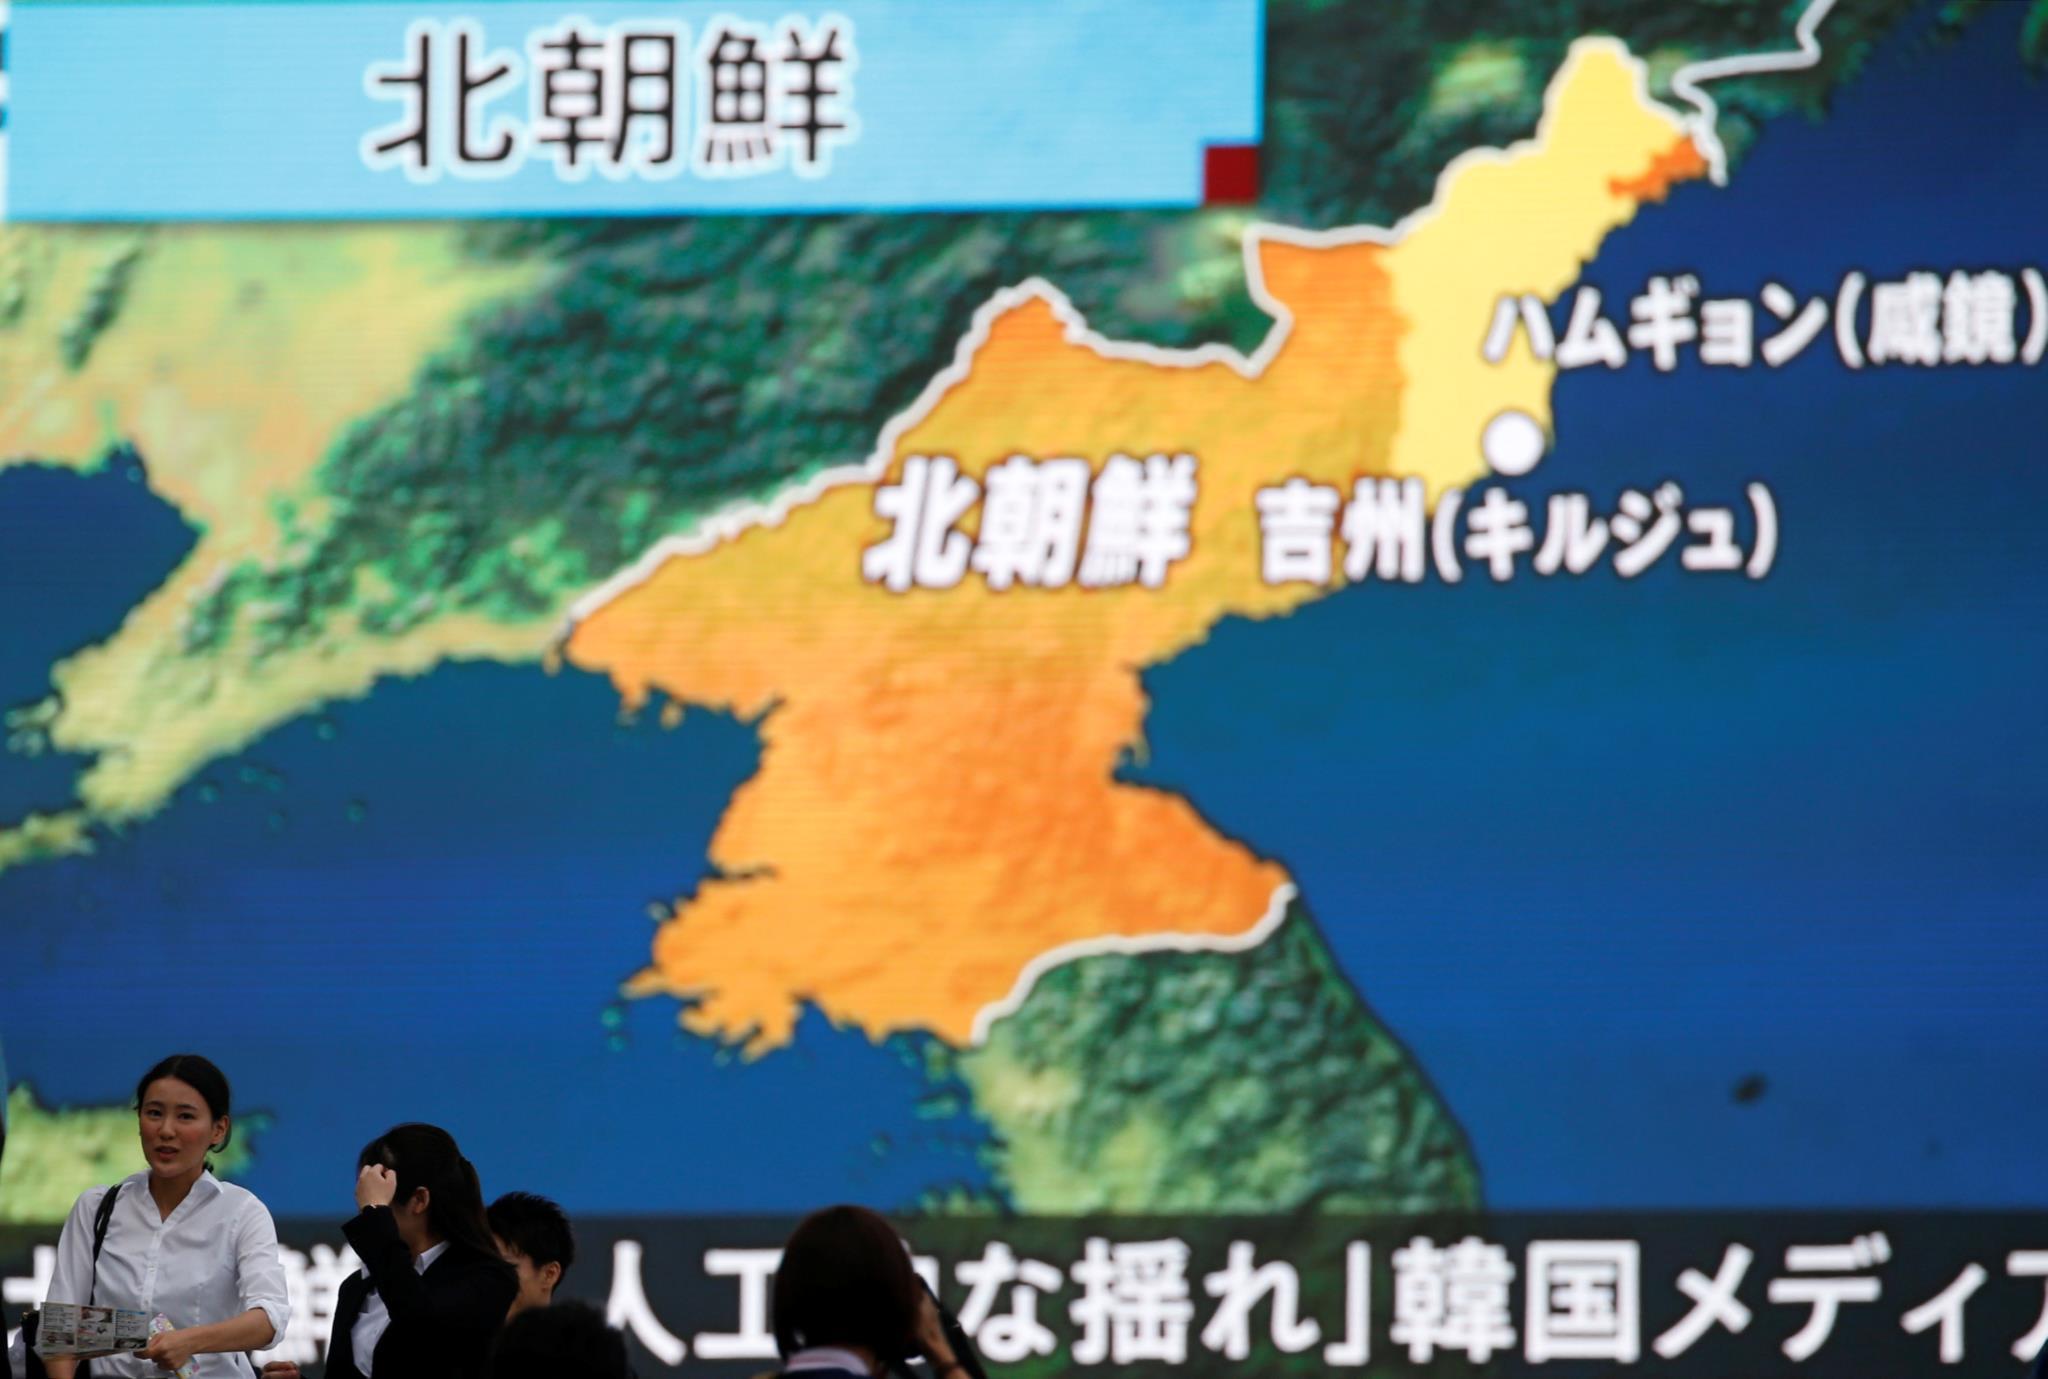 Japoneses acompanham as primeiras informações em Tóquio